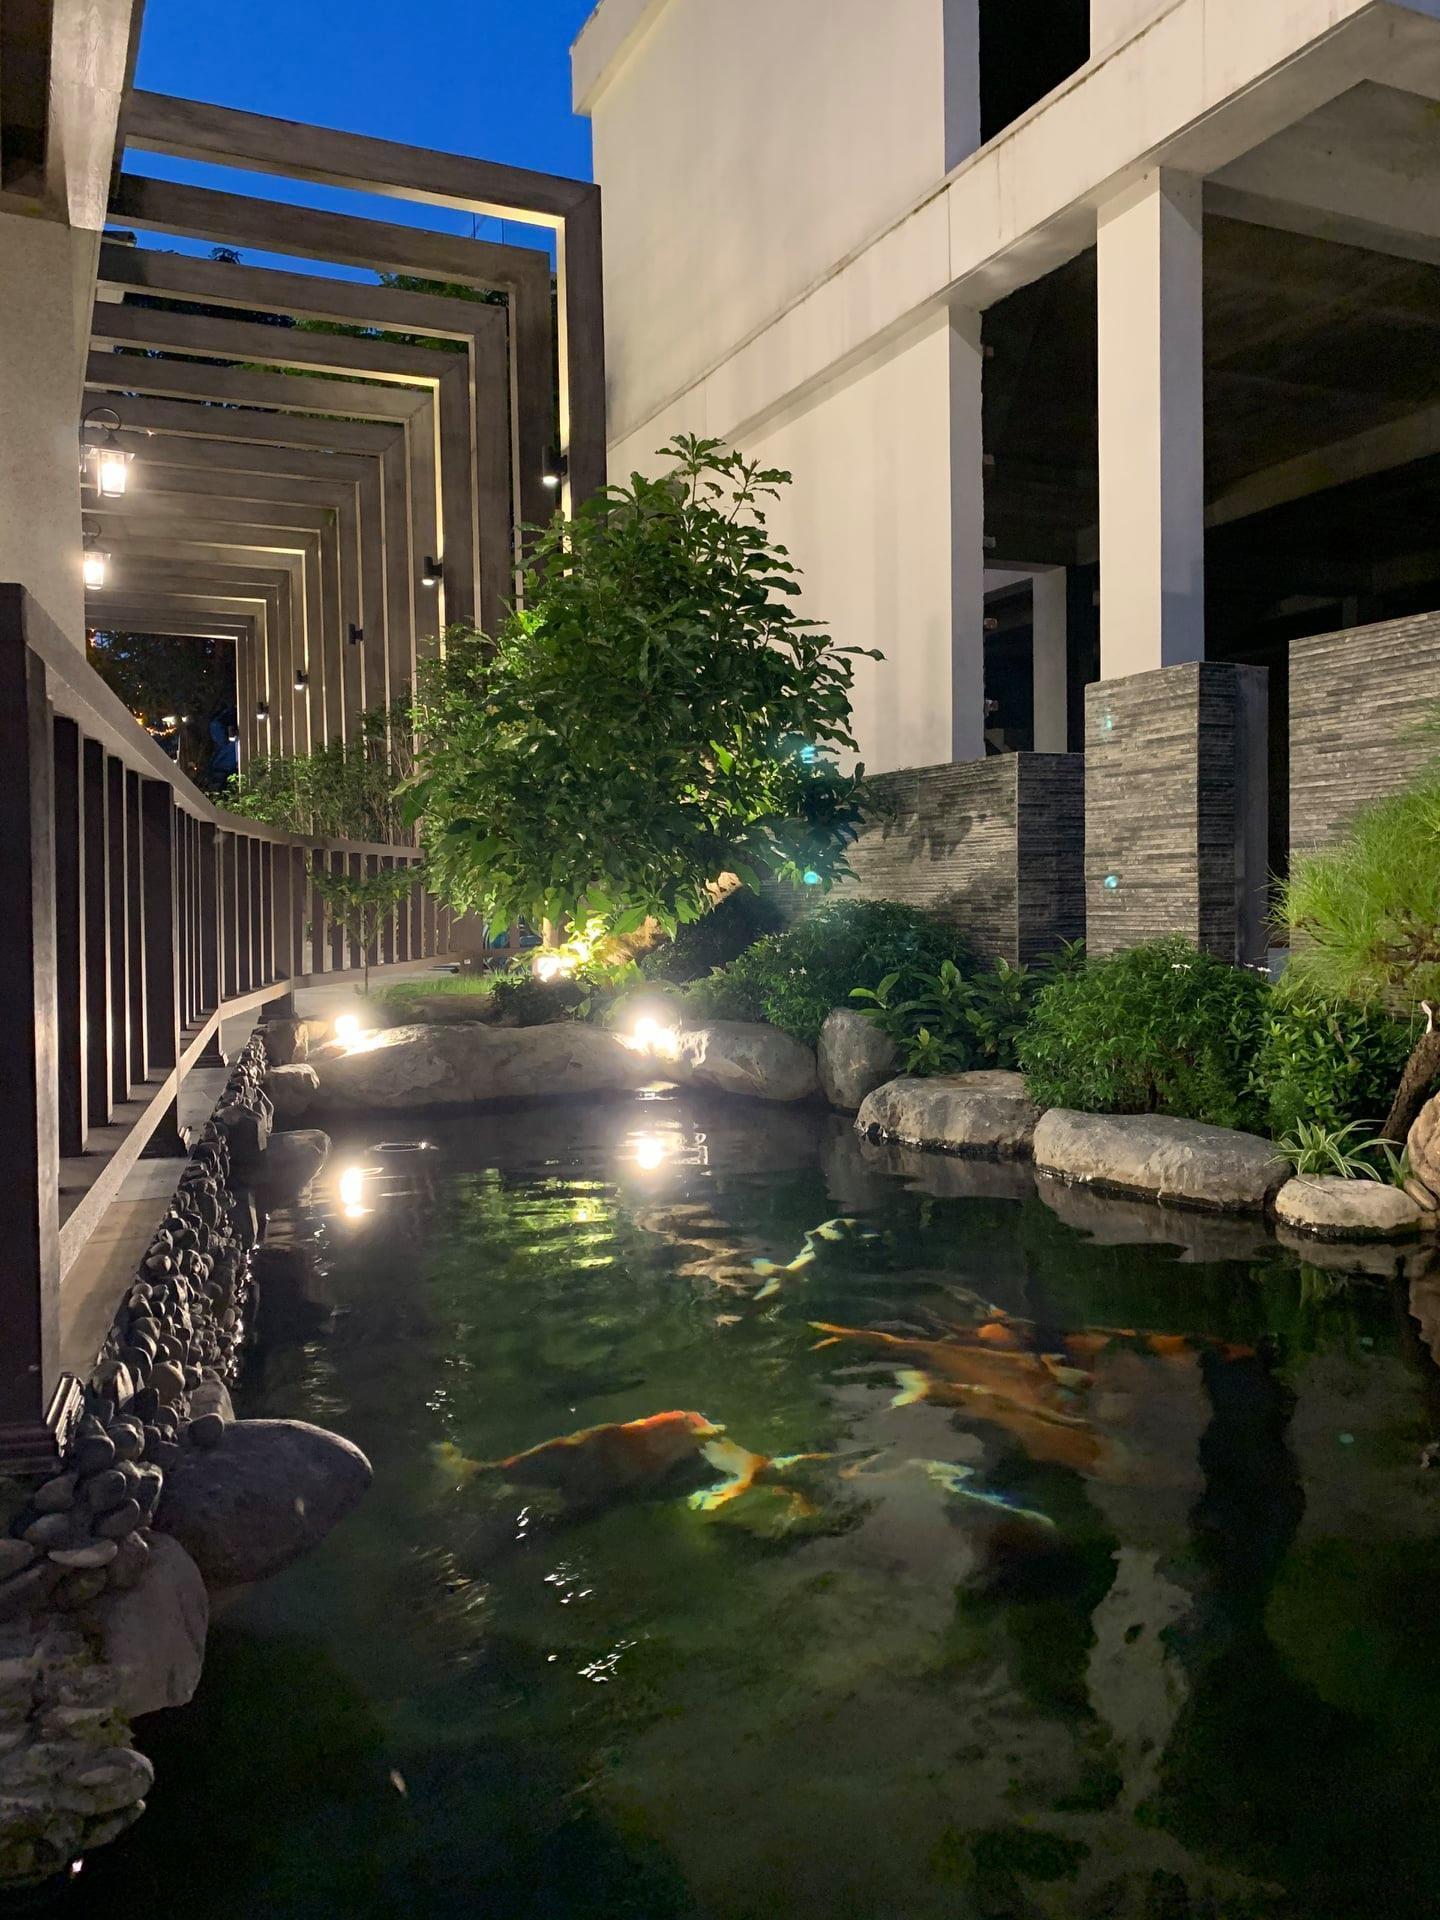 Biệt thự đảo 300m2 ở Hà Nội gây ấn tượng mạnh với phong cách đồng quê nước Mỹ